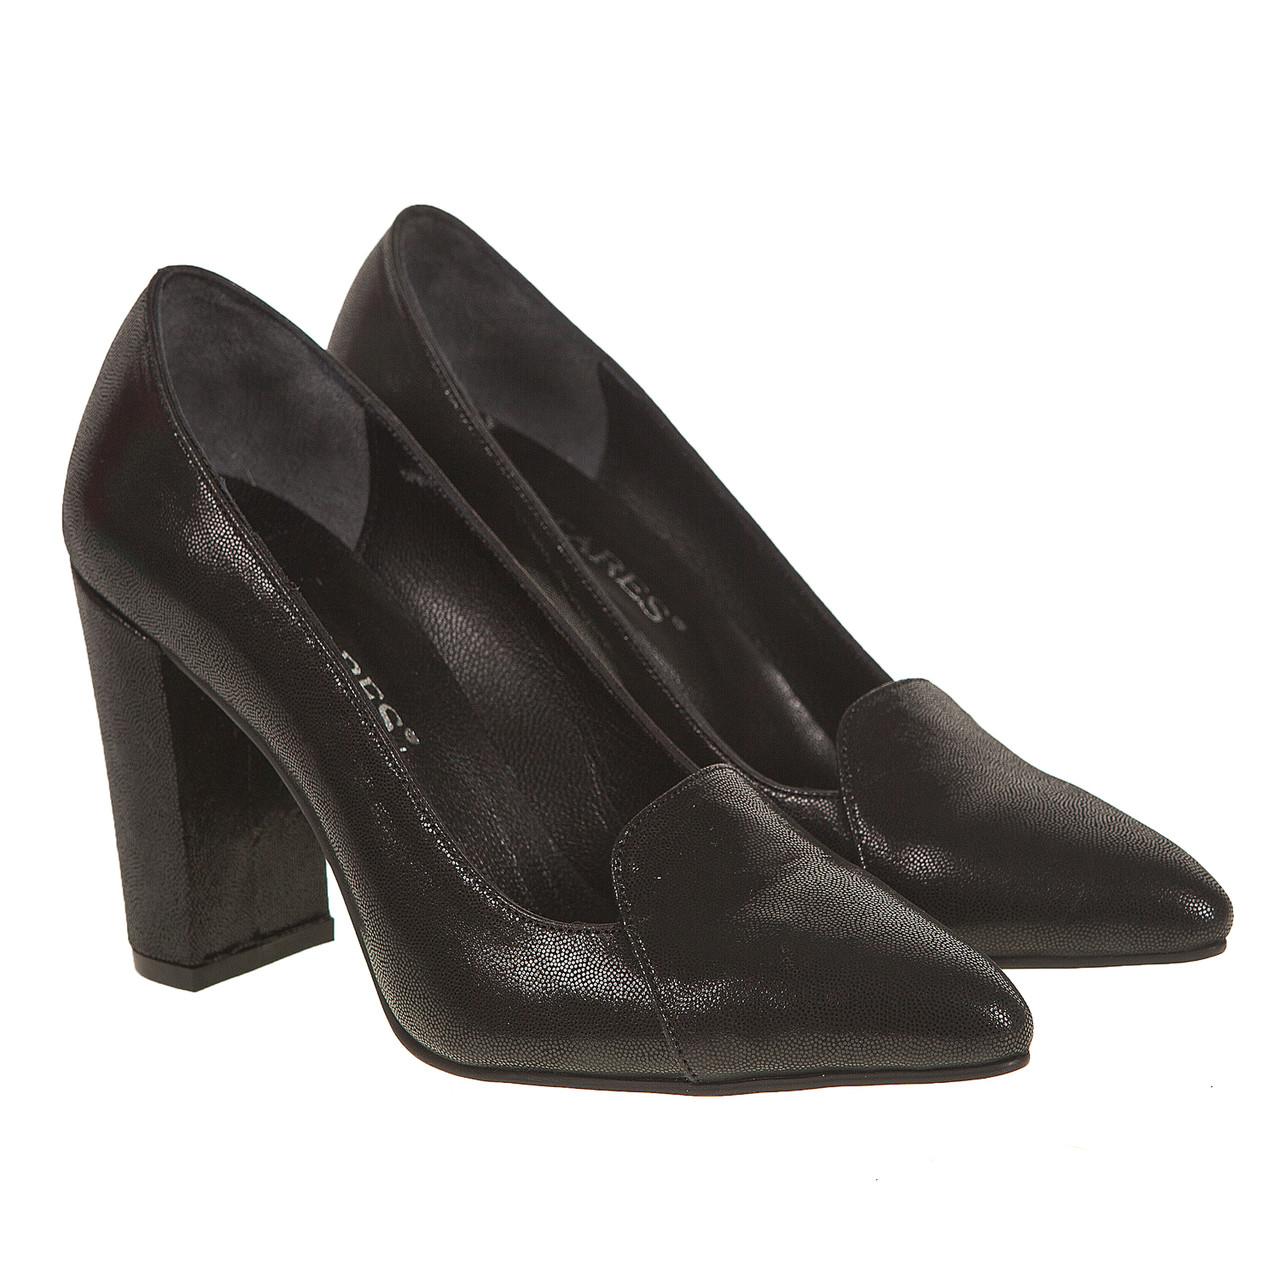 69da75230cc086 Туфли женские Antares (черные, кожаные, на высоком каблуке, удобные, модные)